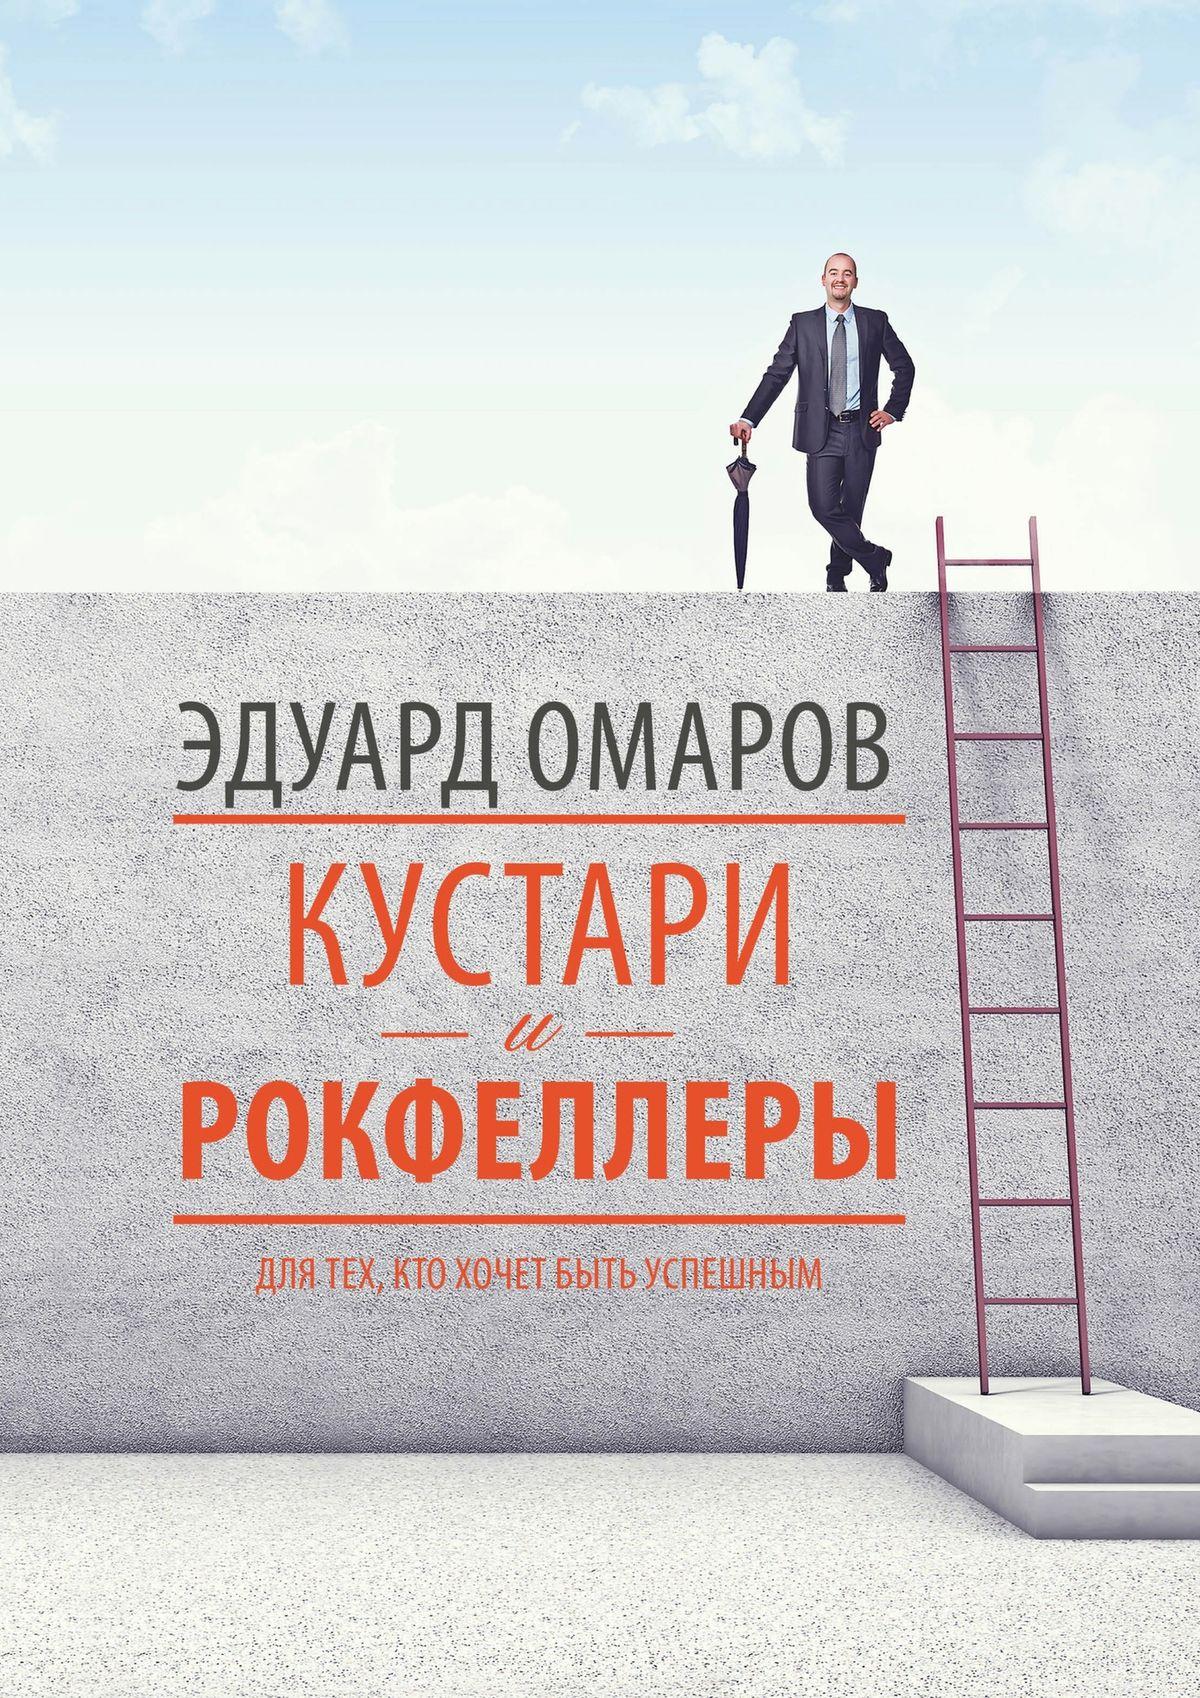 Обложка книги. Автор - Эдуард Омаров